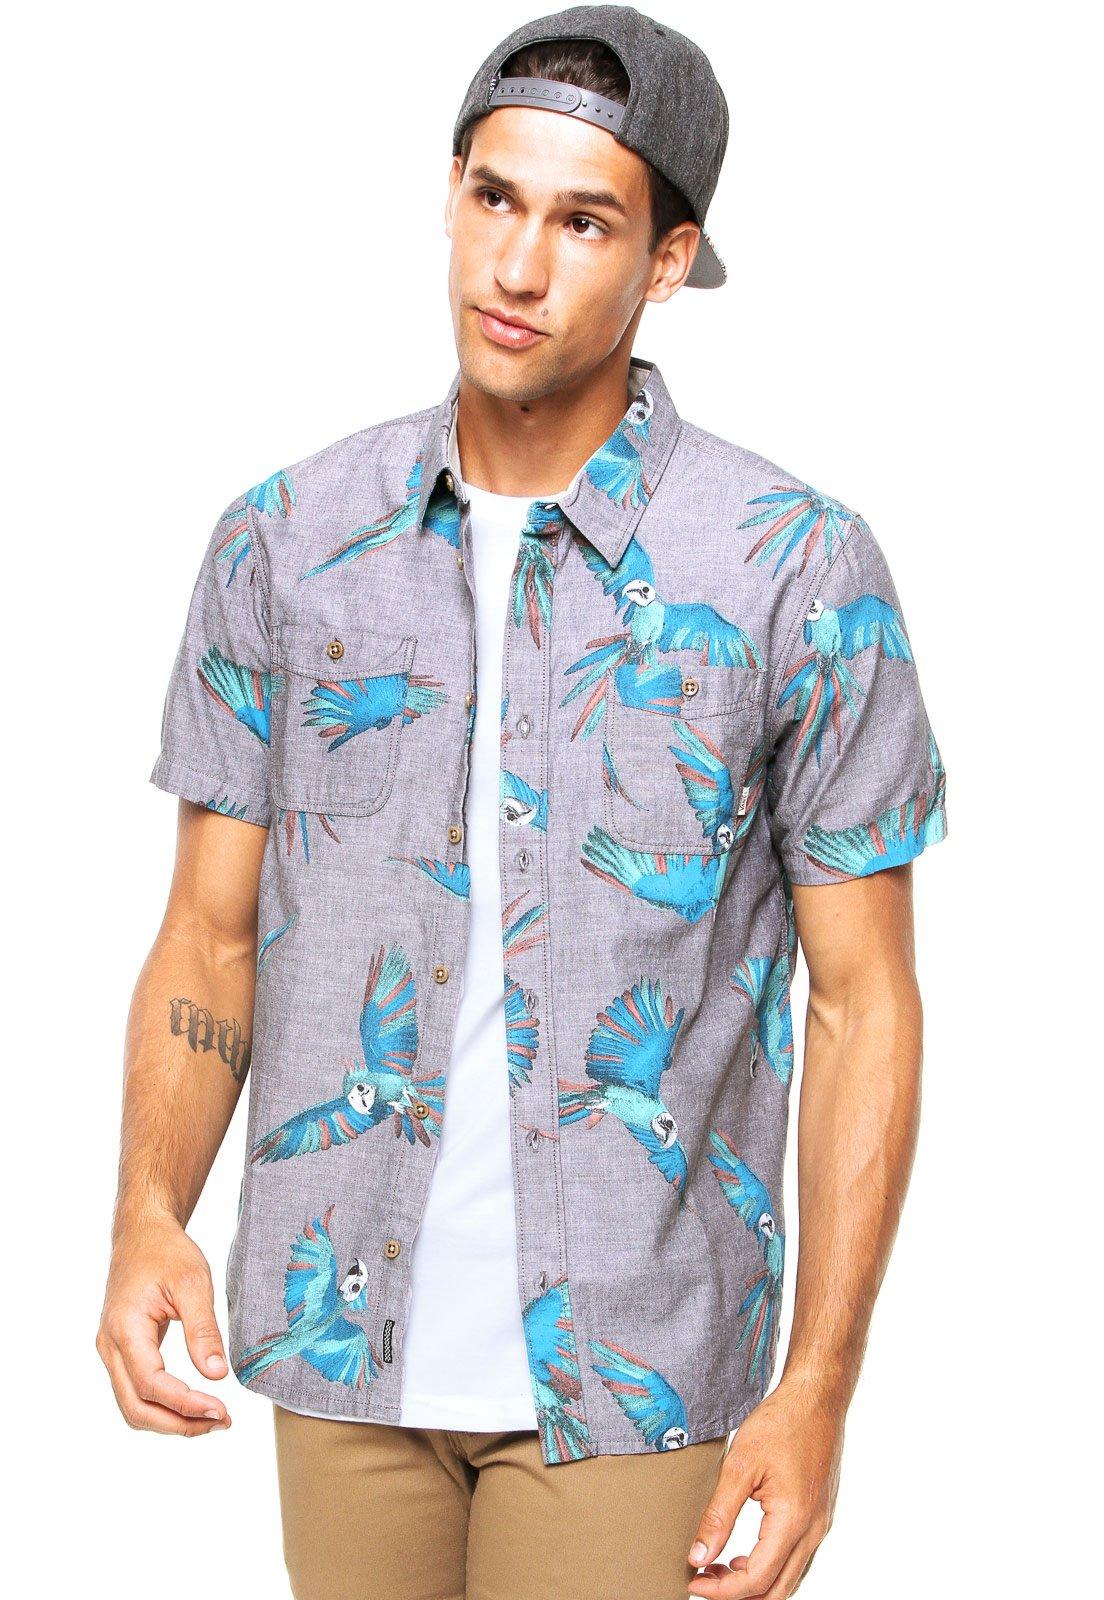 df995719e0d6e Camisas estampadas masculinas - Blog Kanui